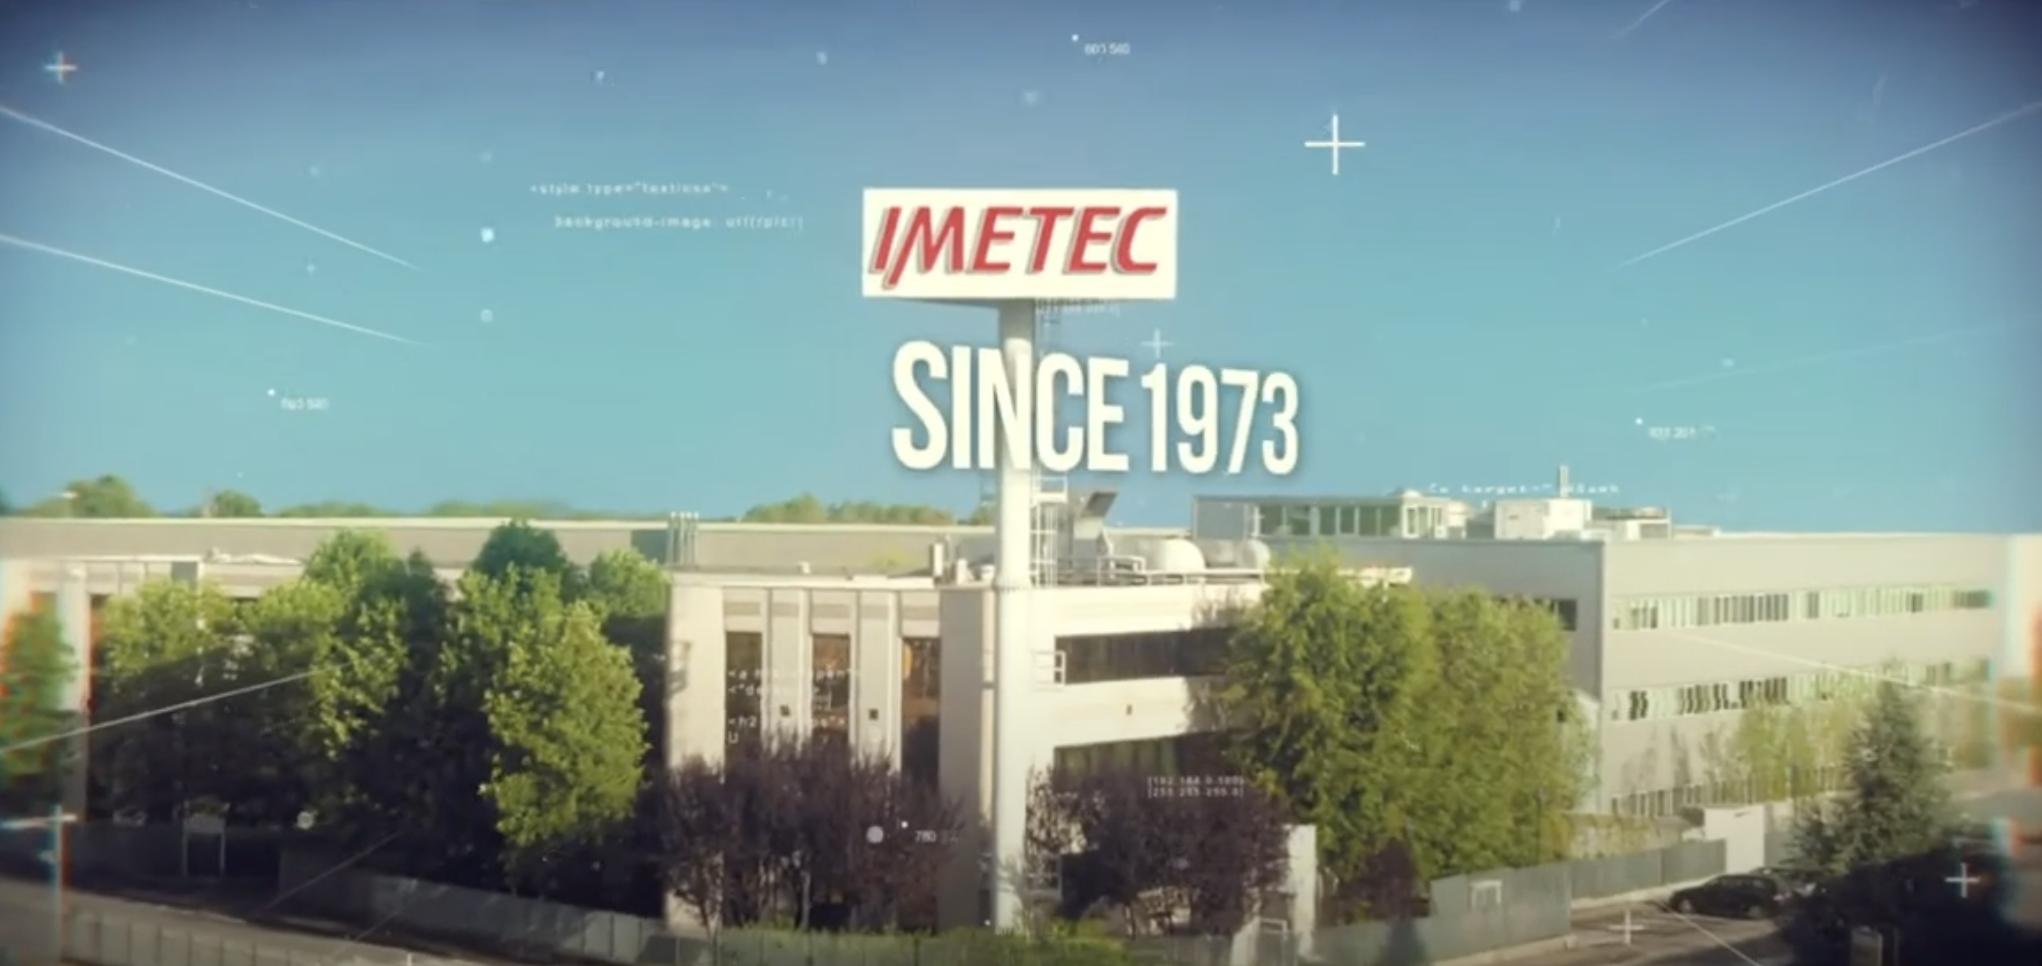 이메텍 전기요의 브랜드 히스토리